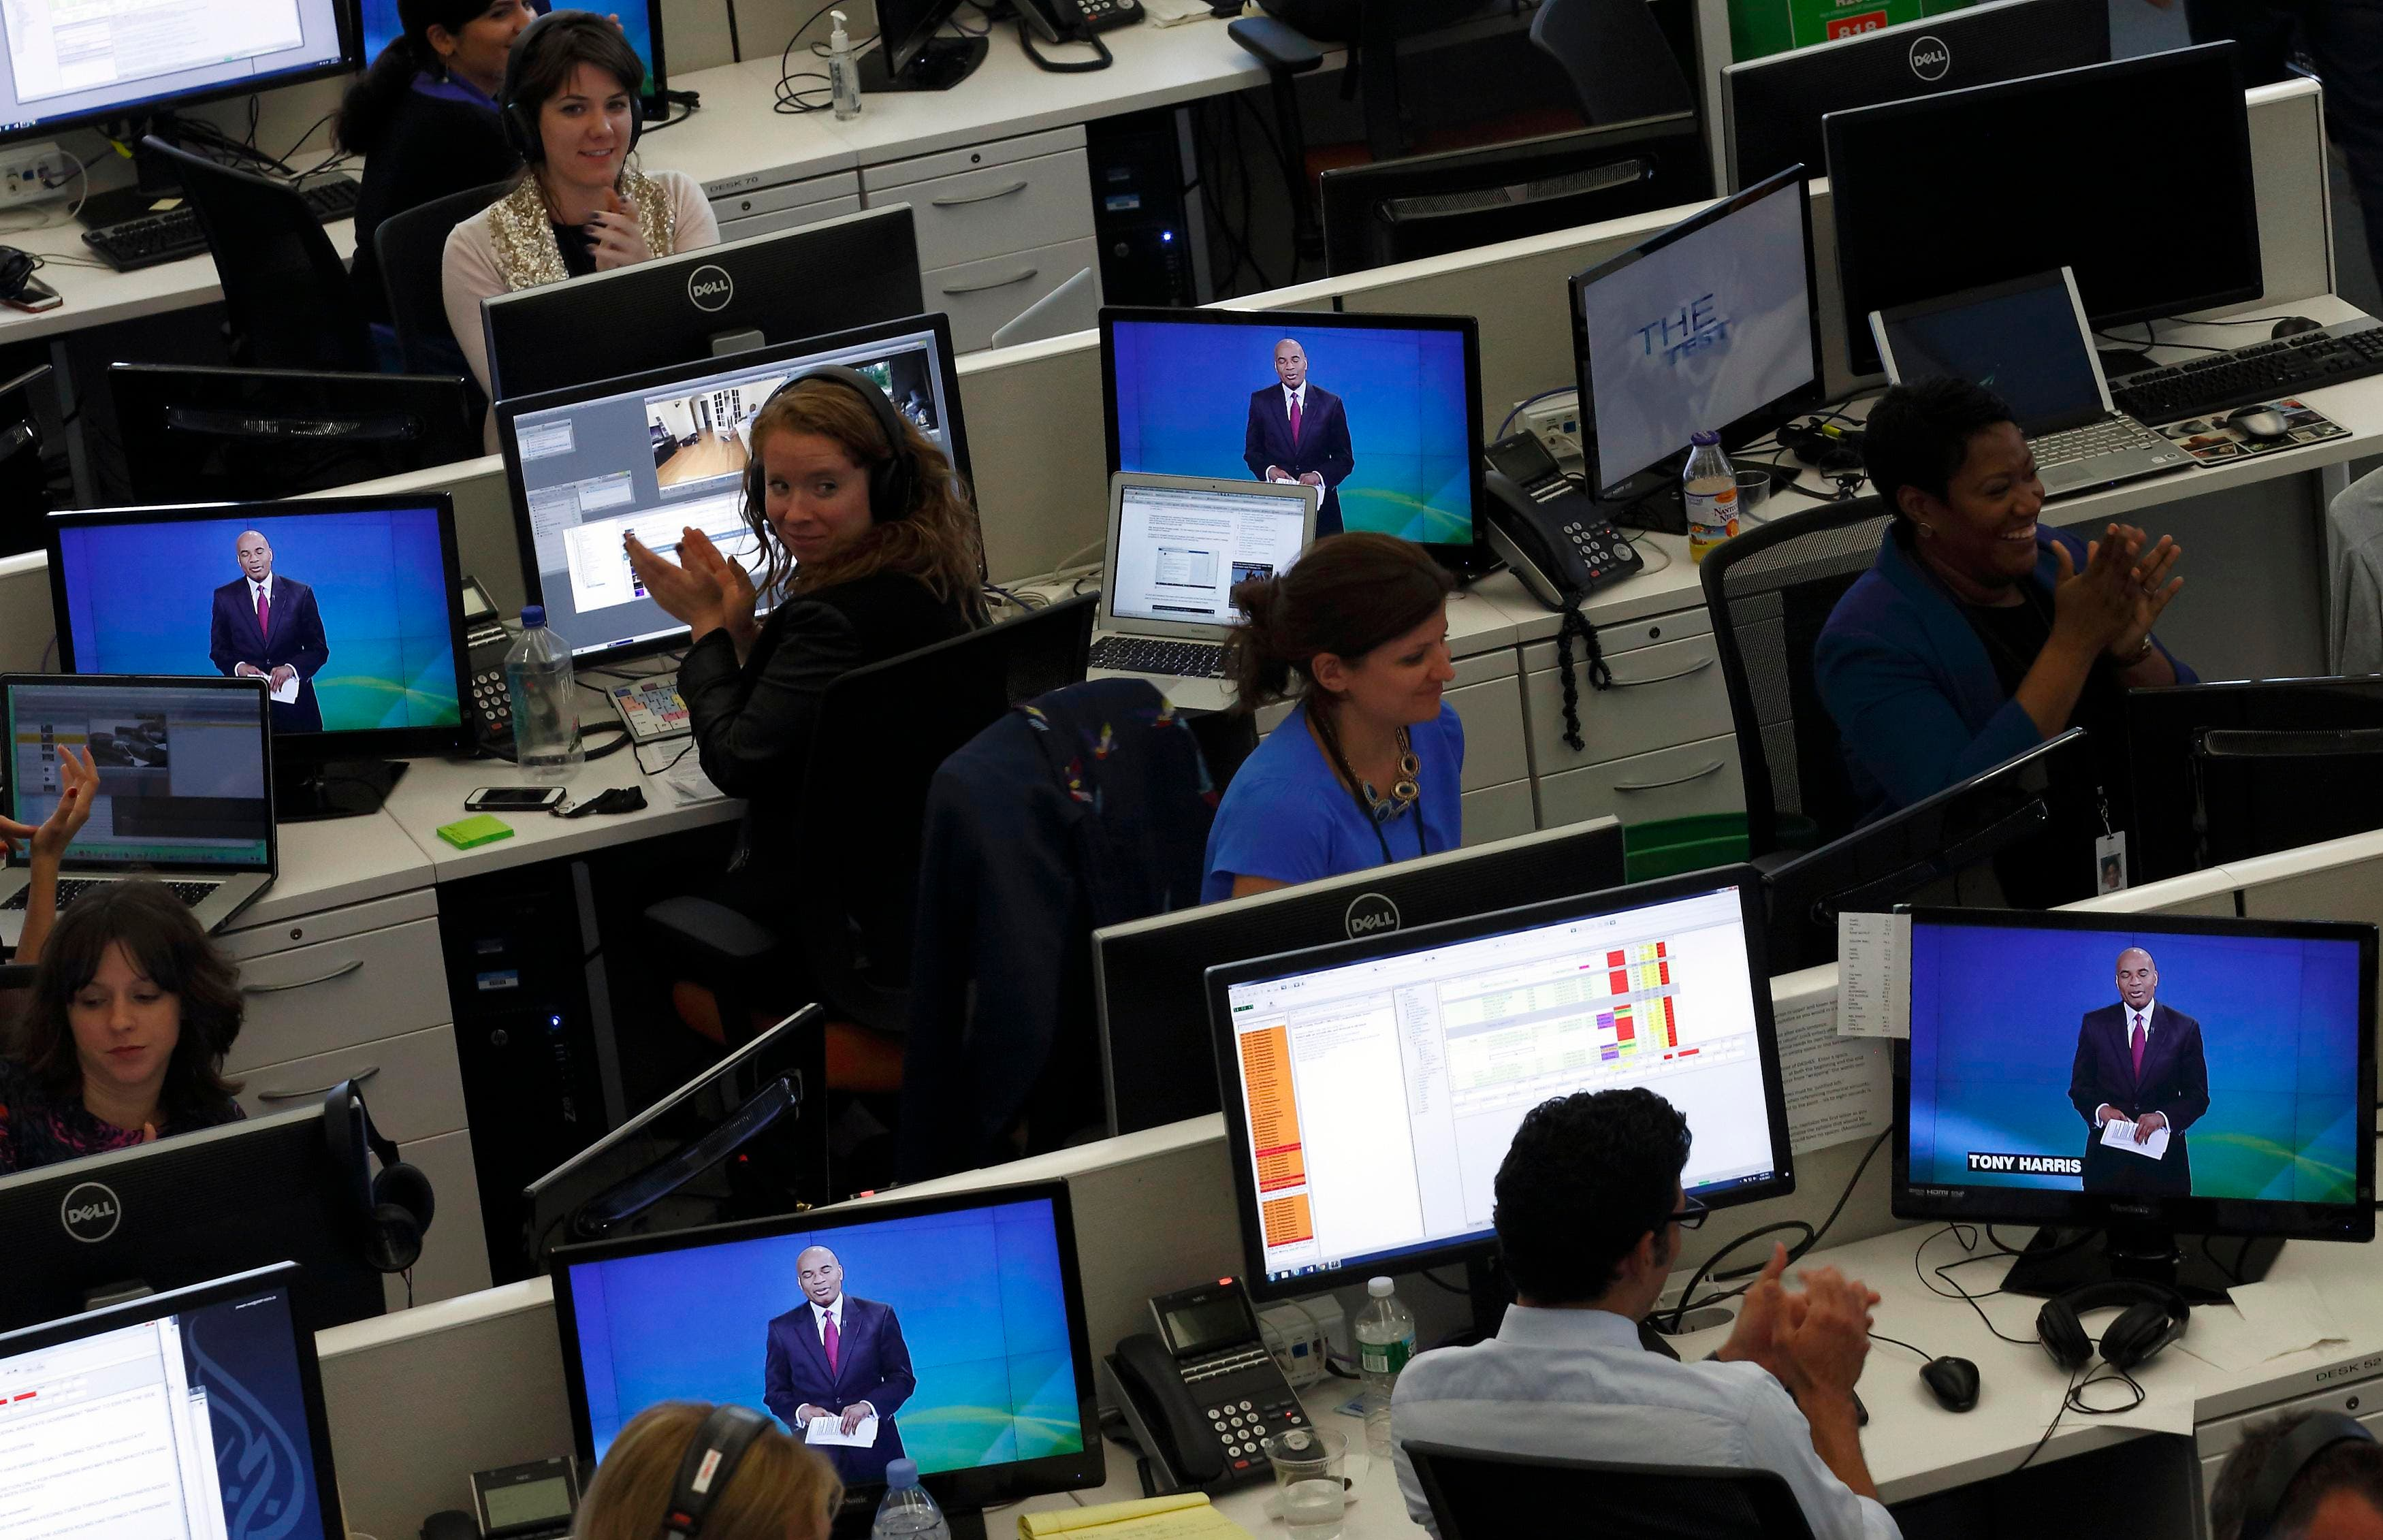 Journalists applaud in the newsroom as Al Jazeera America begins broadcasting in New York, August 20, 2013. (Reuters)